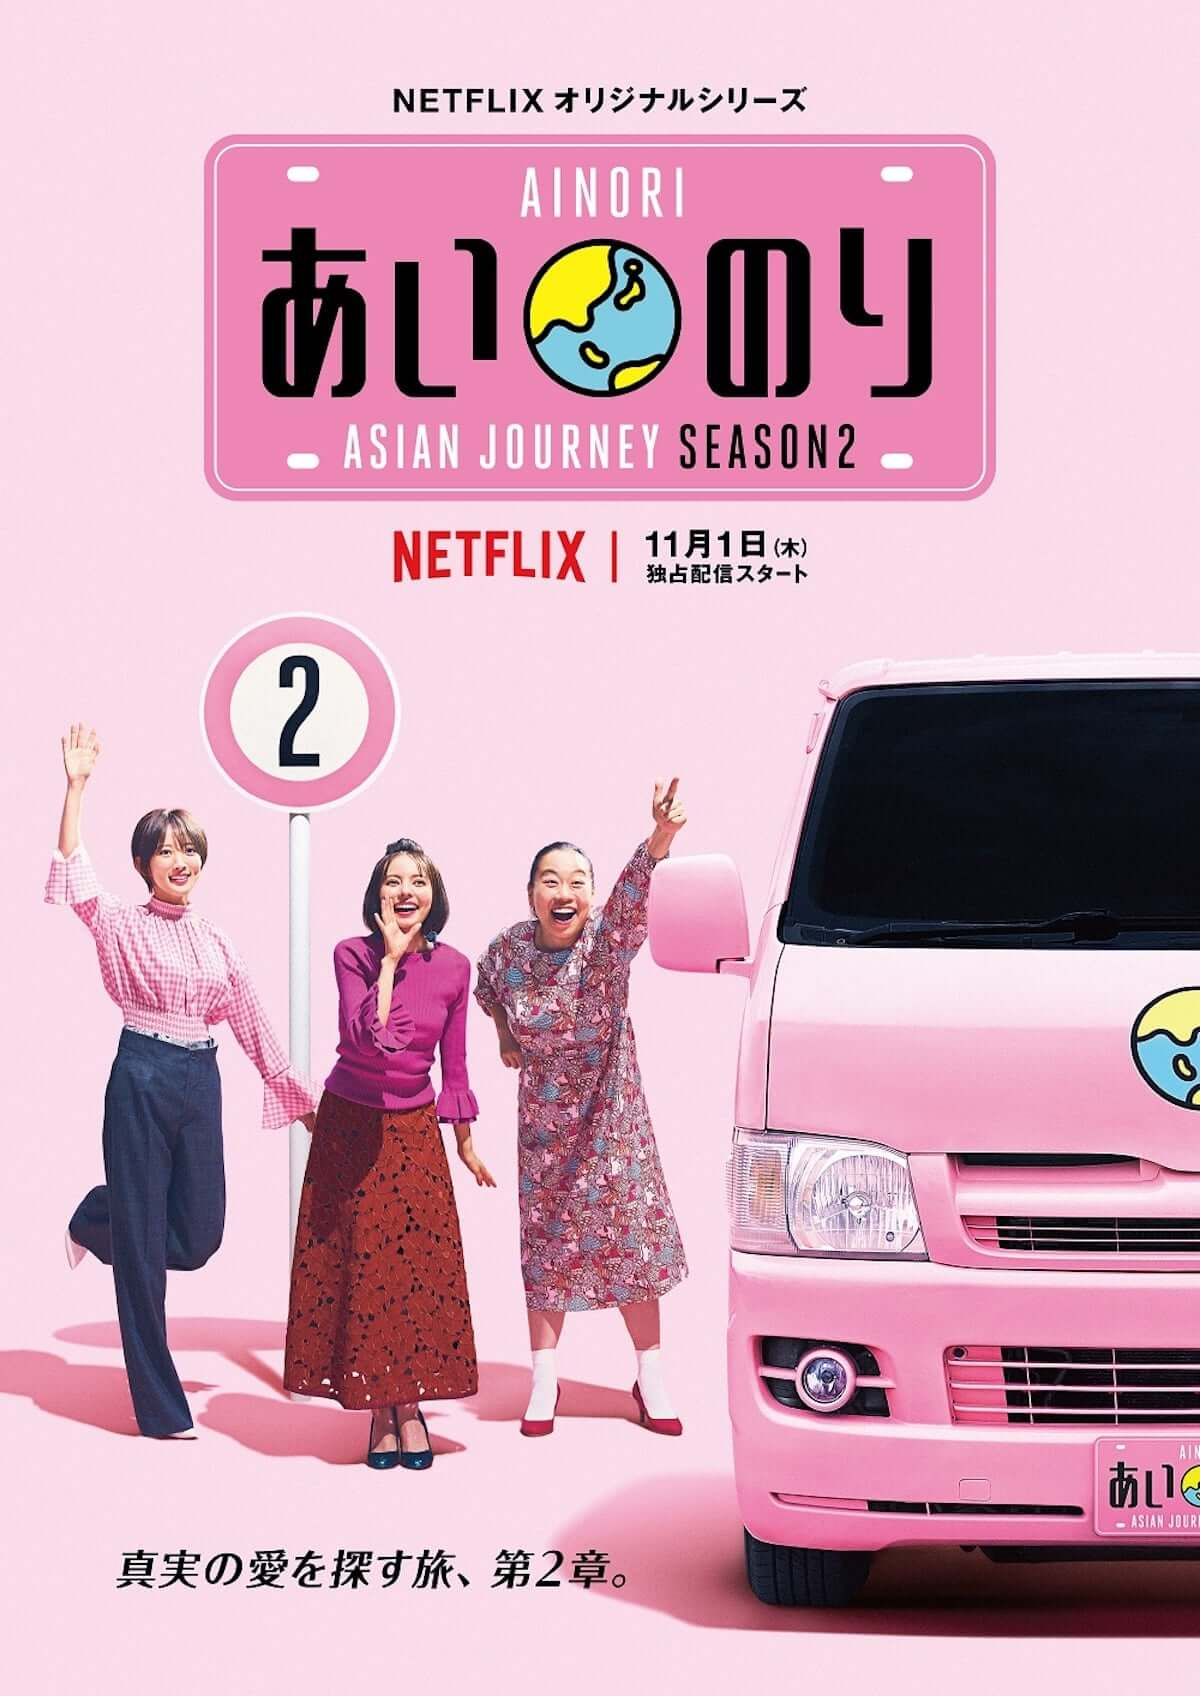 Netflix版『あいのり:Asian Journey』シーズン2配信詳細決定!ベッキー、夏菜、いとうあさこがMCとして参加! film181010_ainori_1-1200x1696